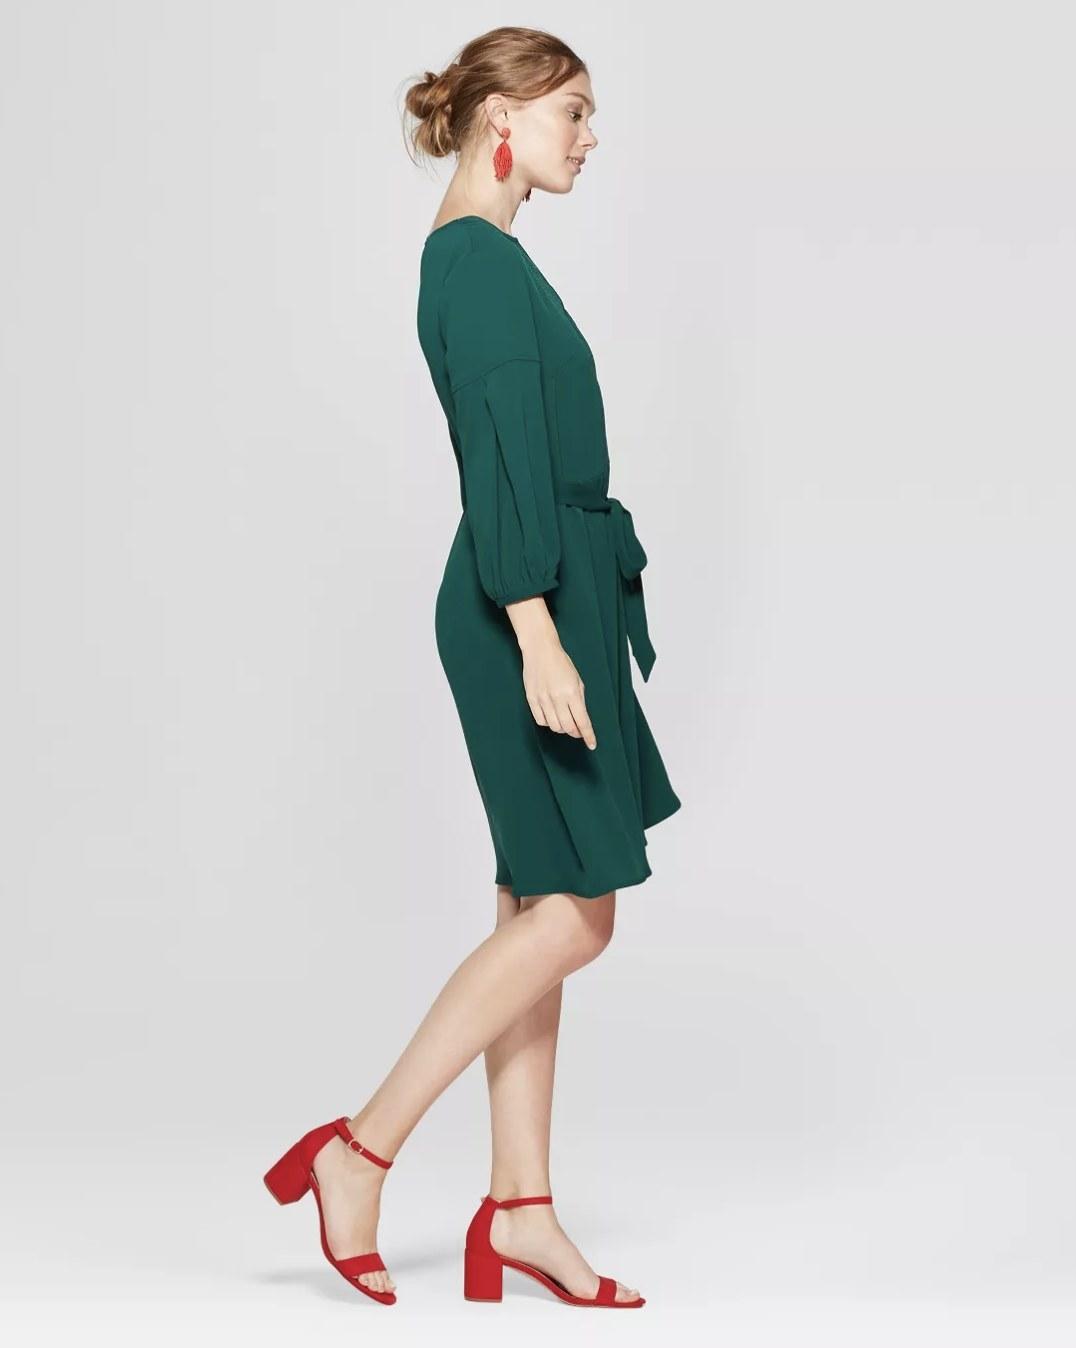 Model wears red heels with green dress.